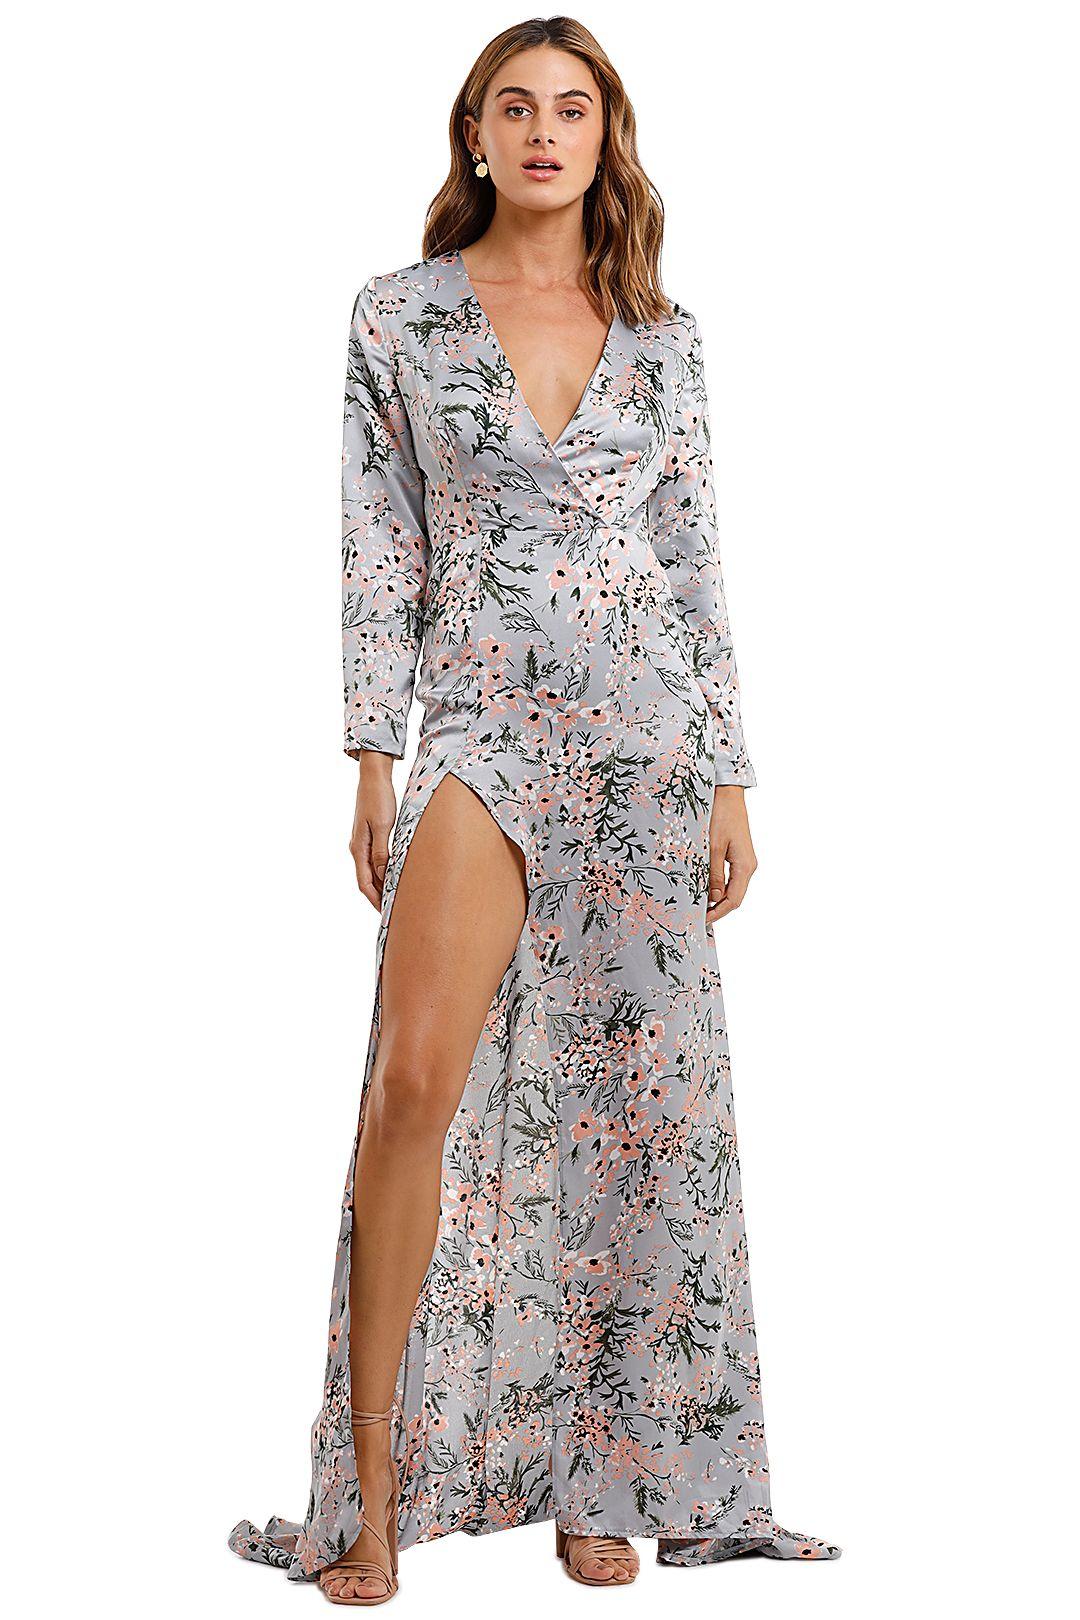 Elle Zeitoune Fontaine High Split Gown Floral